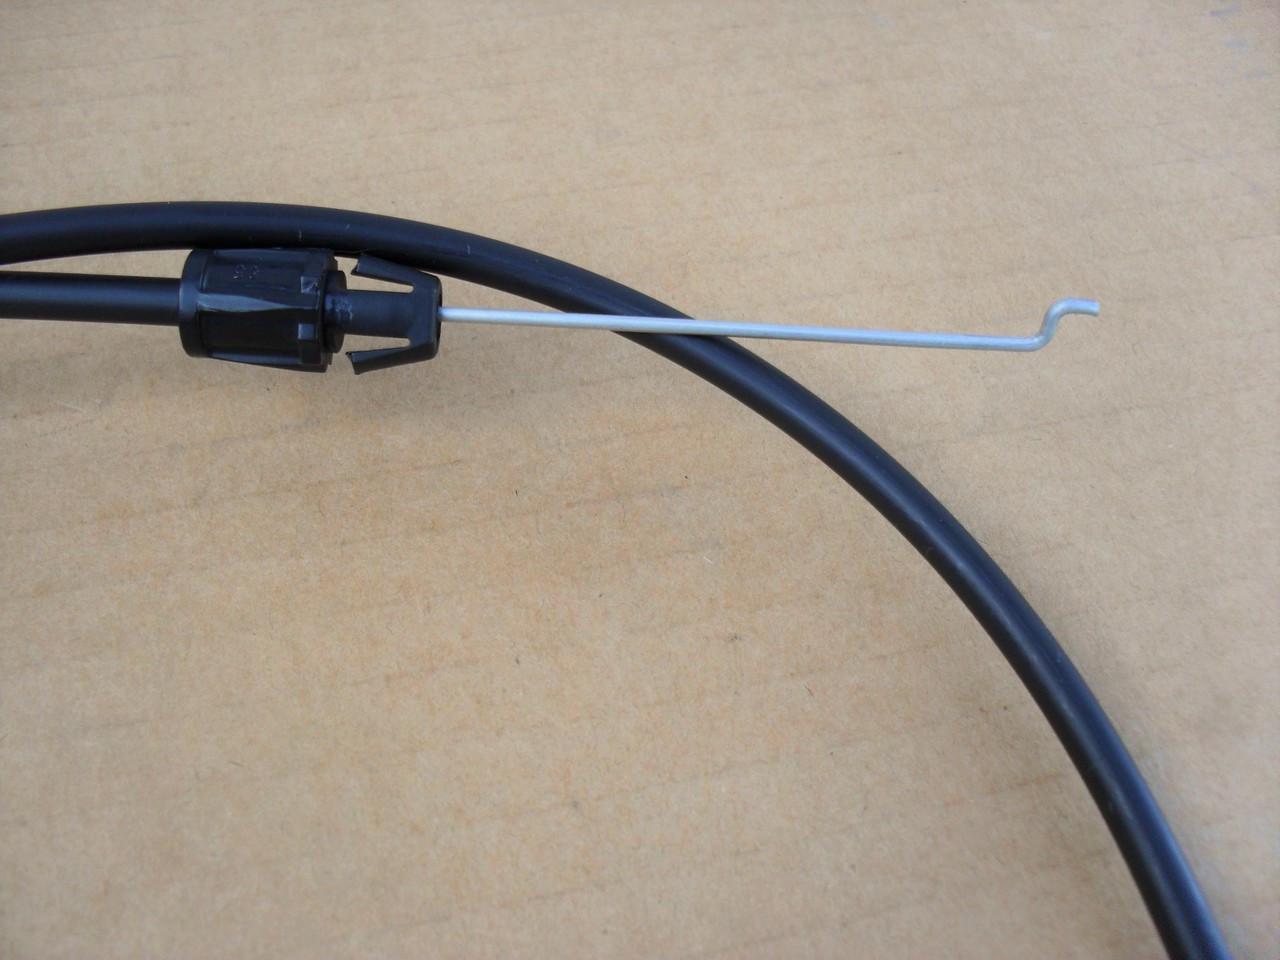 Genuine MTD 1768191P Throttle Control Cable Fits Troy Bilt Replaces GW-1768191